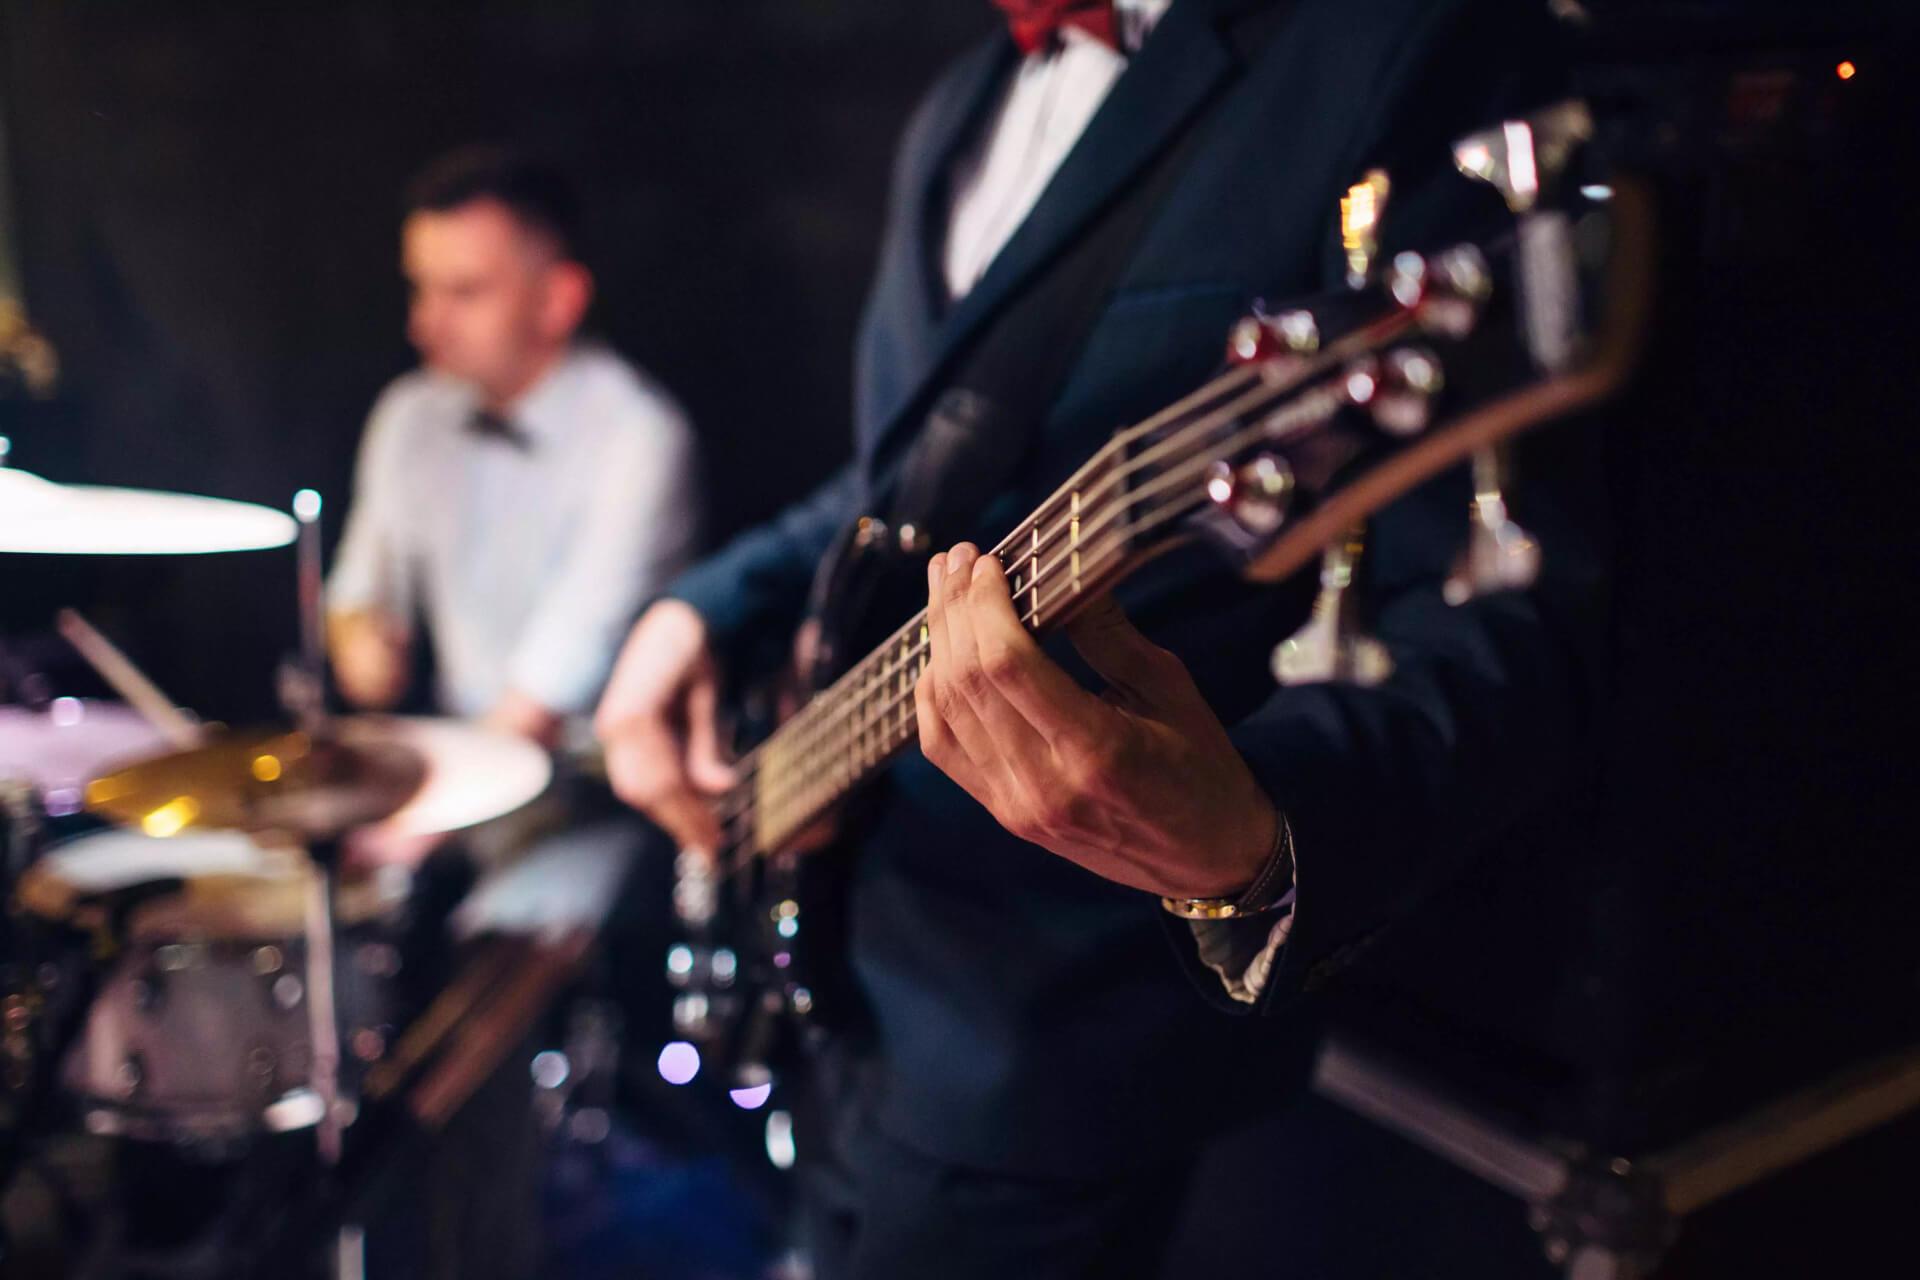 Música para bodas en Margarita, Venezuela - DJs y shows de hora loca para bodas en Margarita, ensambles musicales y música en vivo para matrimonios